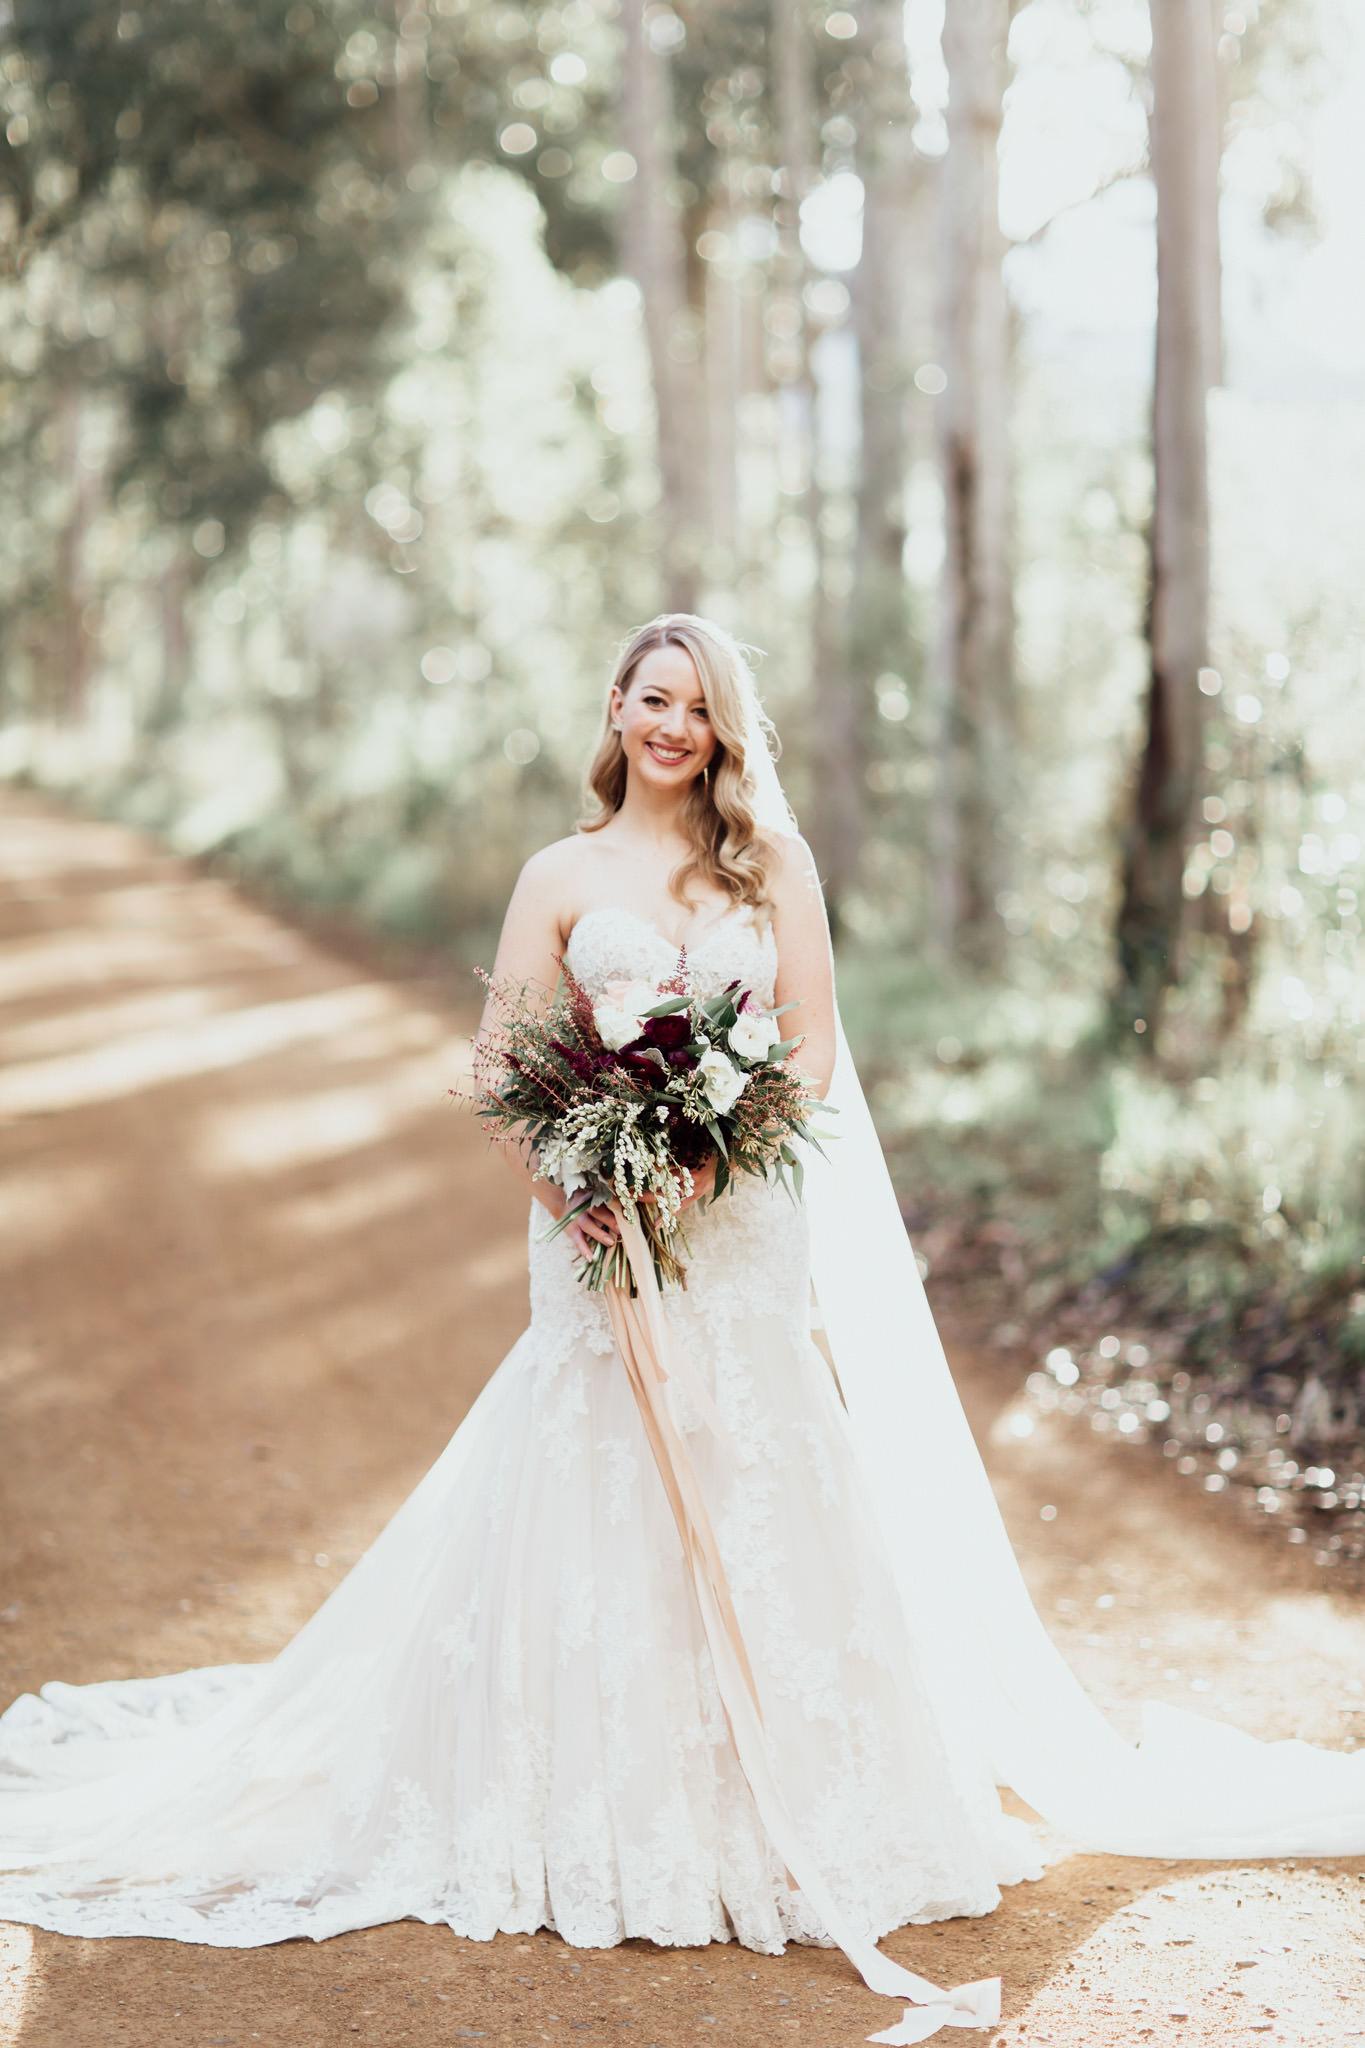 WeddingPhotos_Facebook_2048pixels-1080.jpg